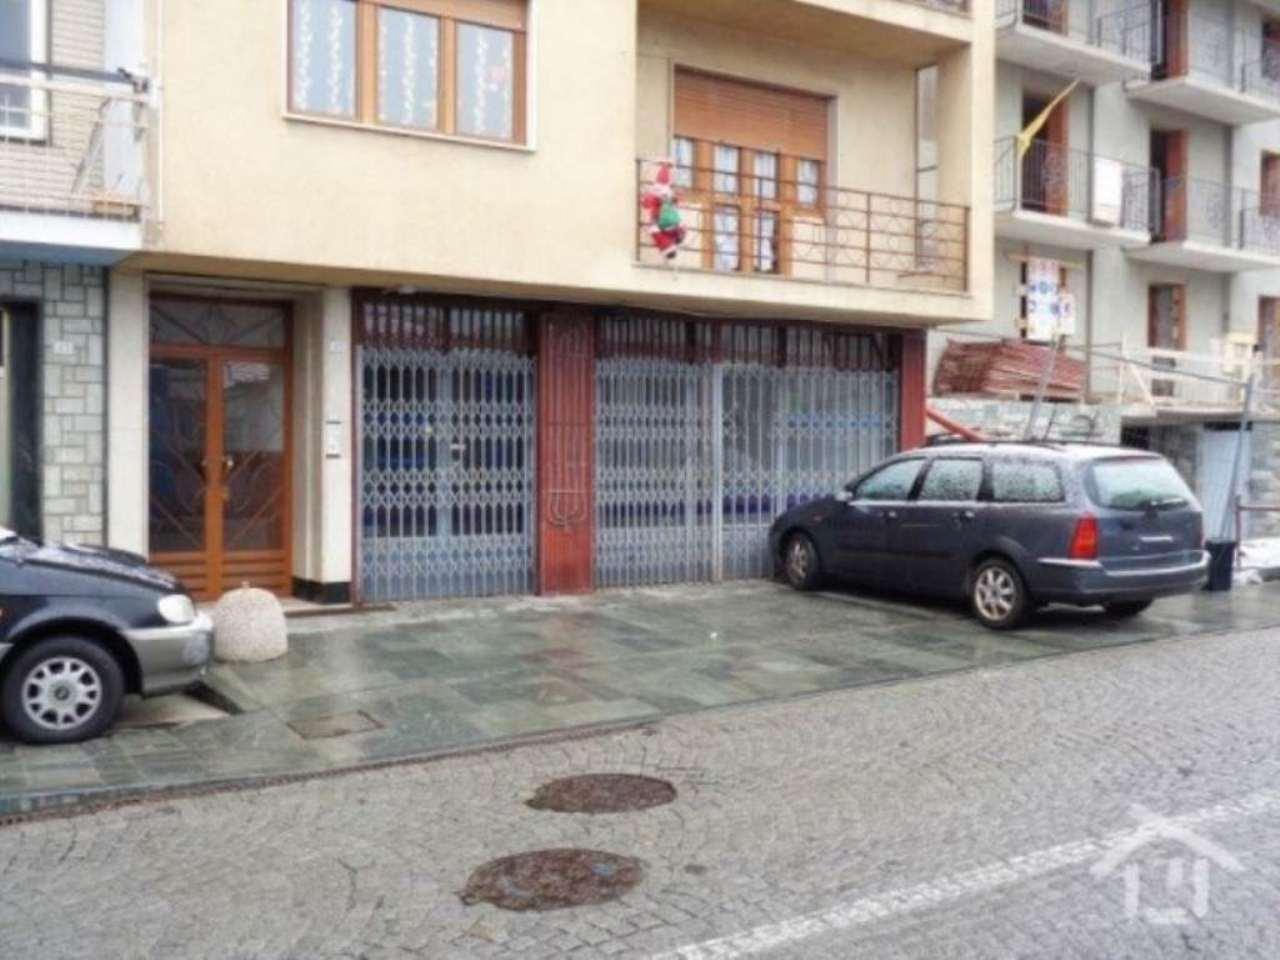 Negozio / Locale in affitto a Saint-Vincent, 3 locali, prezzo € 600 | Cambio Casa.it